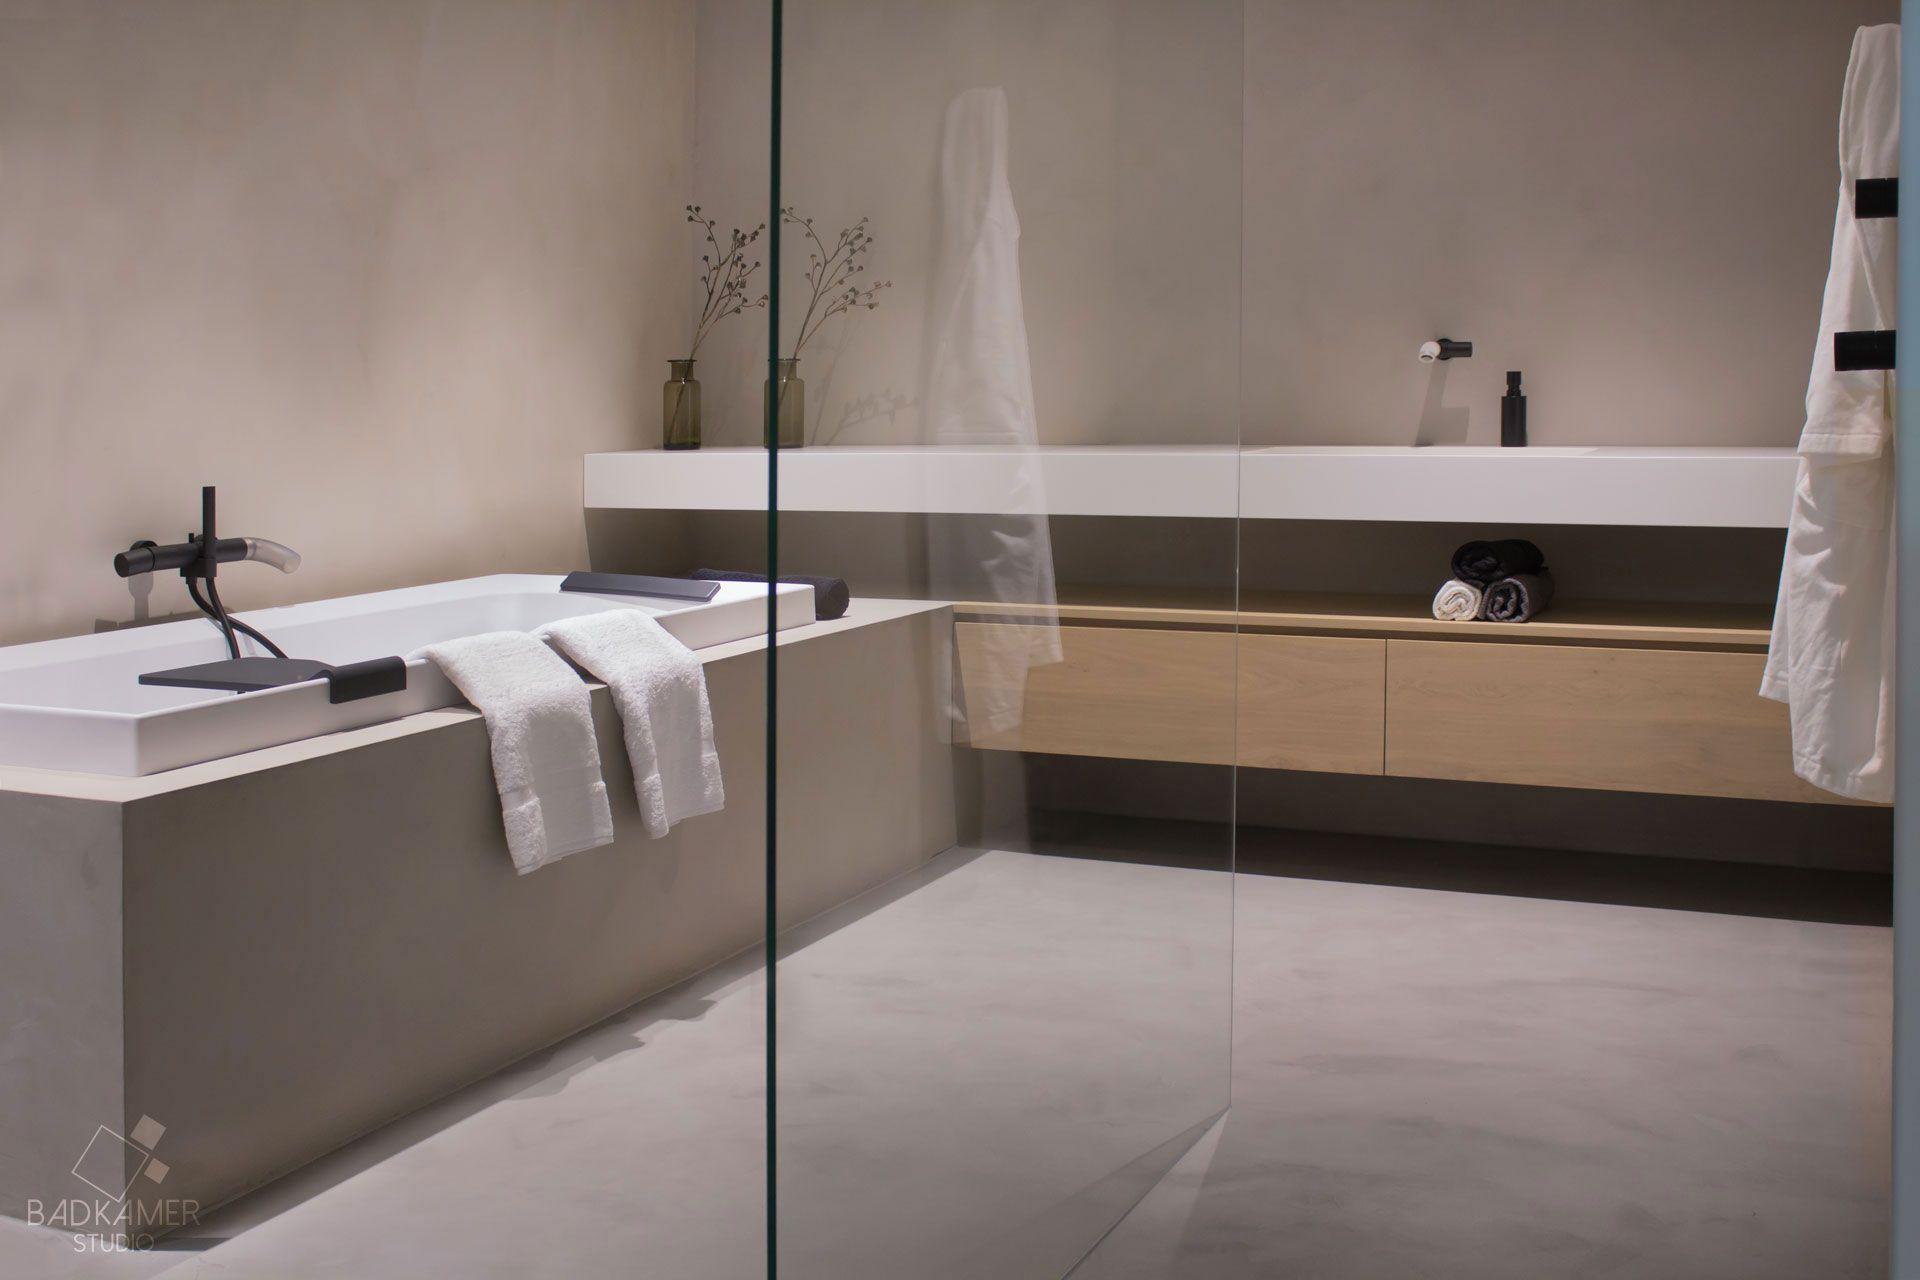 Beton Muur Badkamer : Maatwerk badkamer met micro beton beton ciré op de vloer muren en